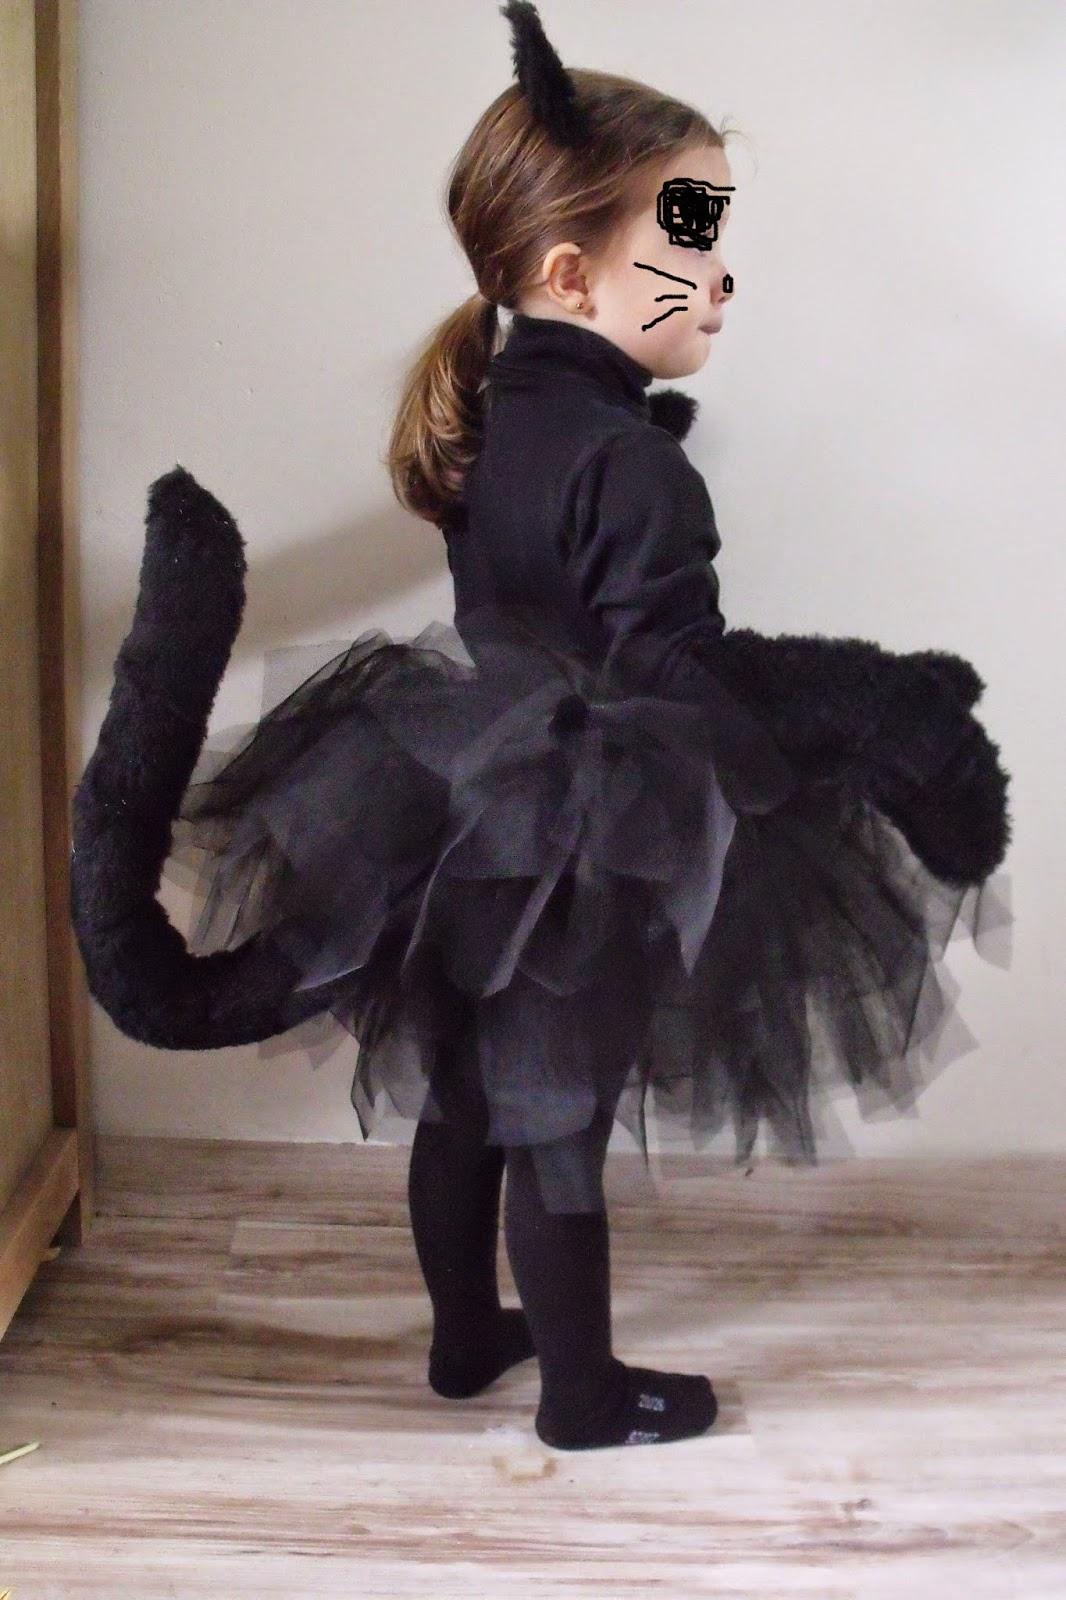 Lili joue maman bricole tuto costume chat noir fille pour halloween - Deguisement chat fille ...